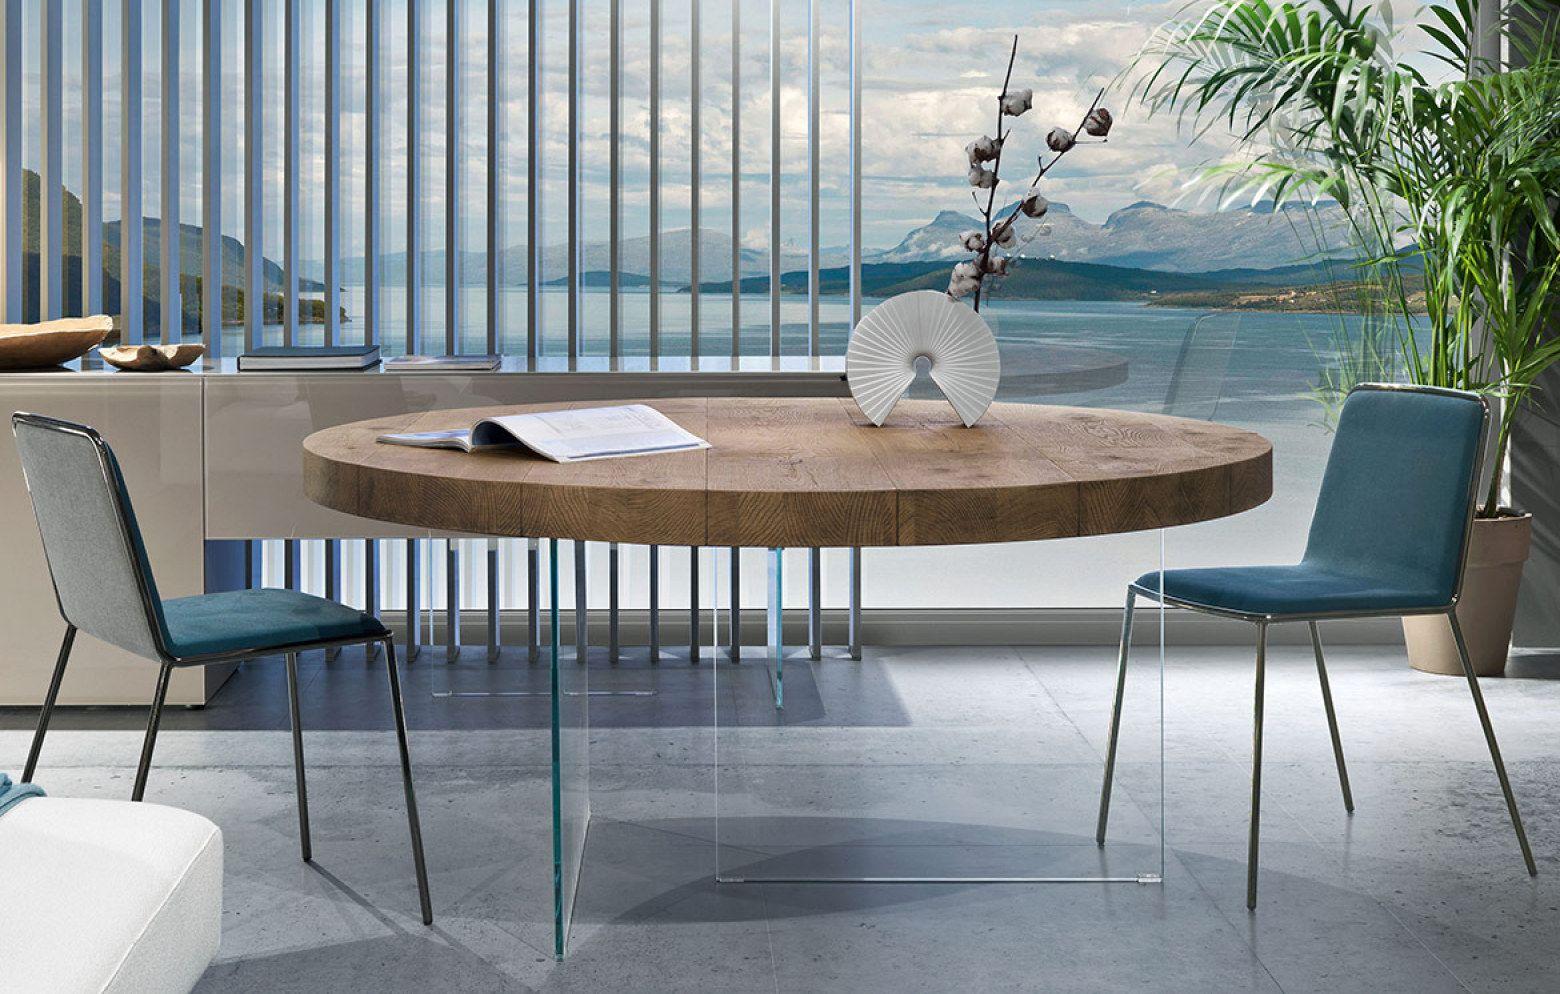 Der Esstisch Air Wildwood Round Wirkt Durch Die Beine Aus Kristallglas Besonders Leicht Und Scheint Zu Schweben Die Wohnzimmertische Esstisch Tischplatte Rund